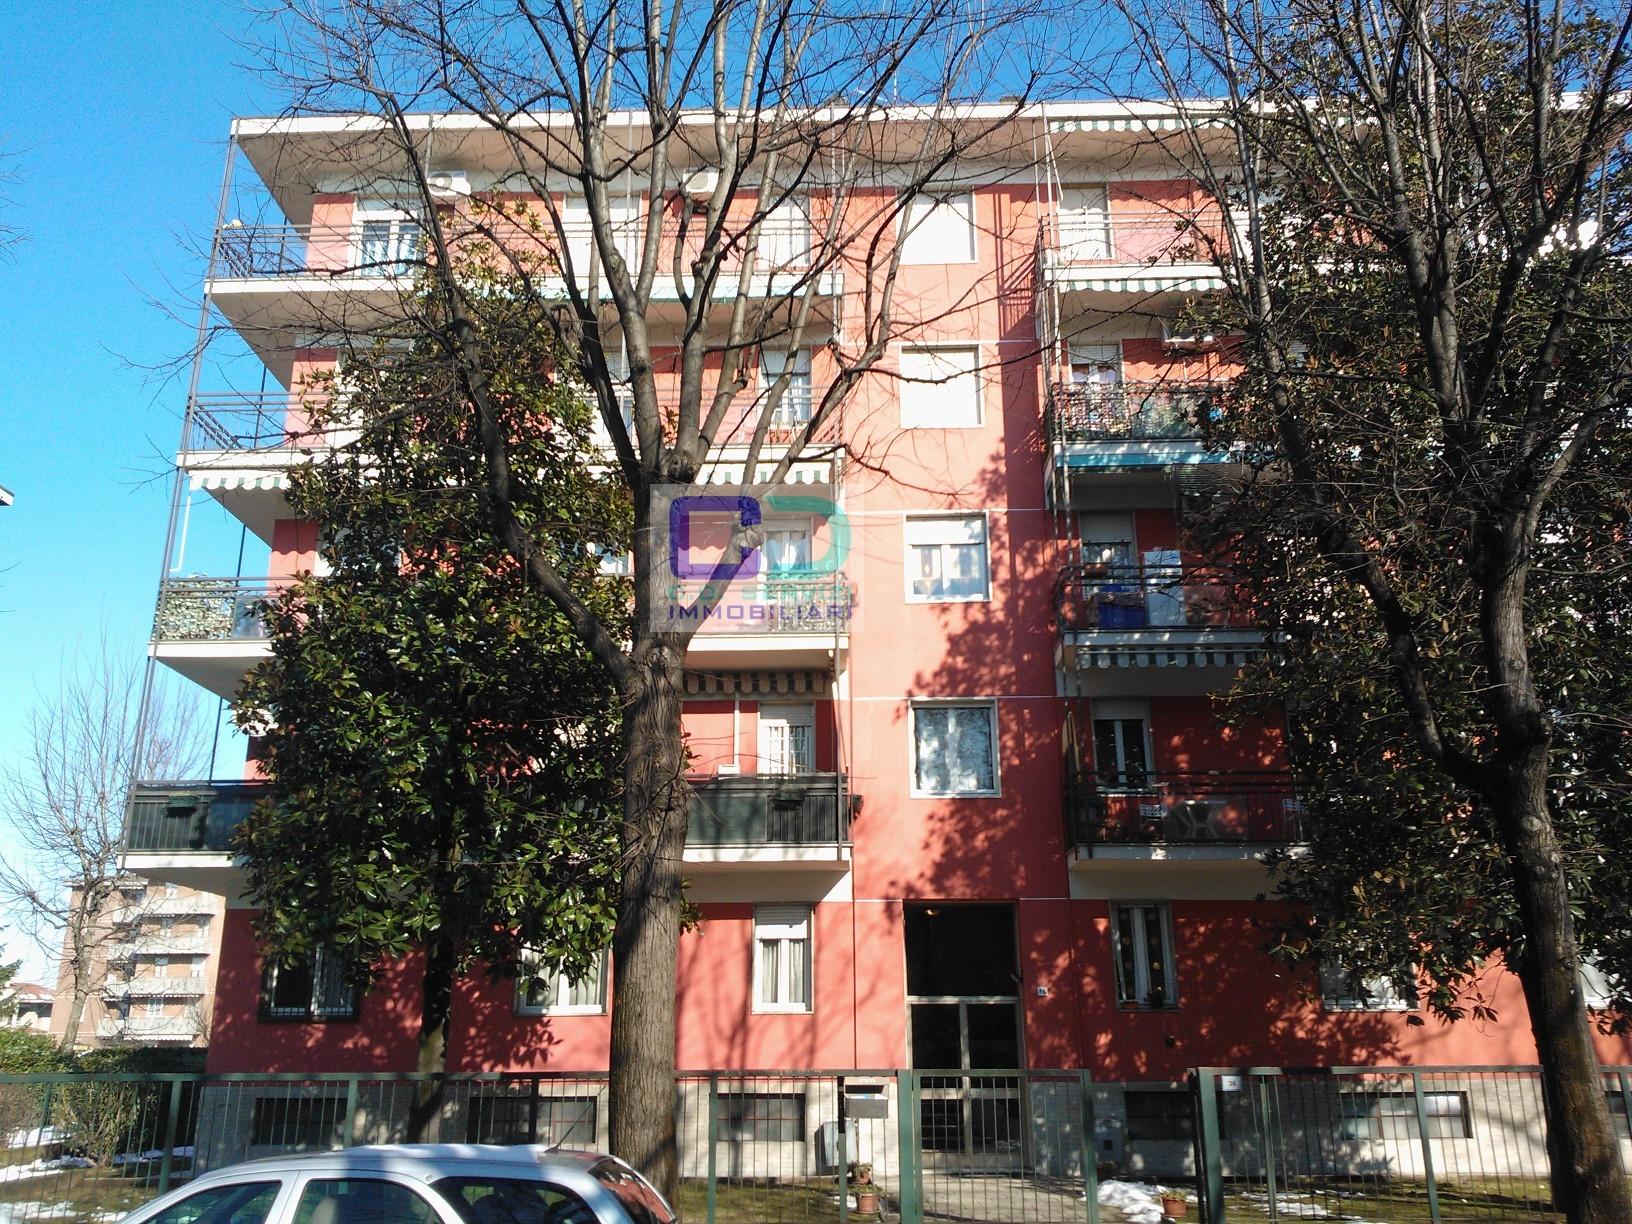 Appartamento in affitto a Cassano d'Adda, 1 locali, prezzo € 400 | CambioCasa.it